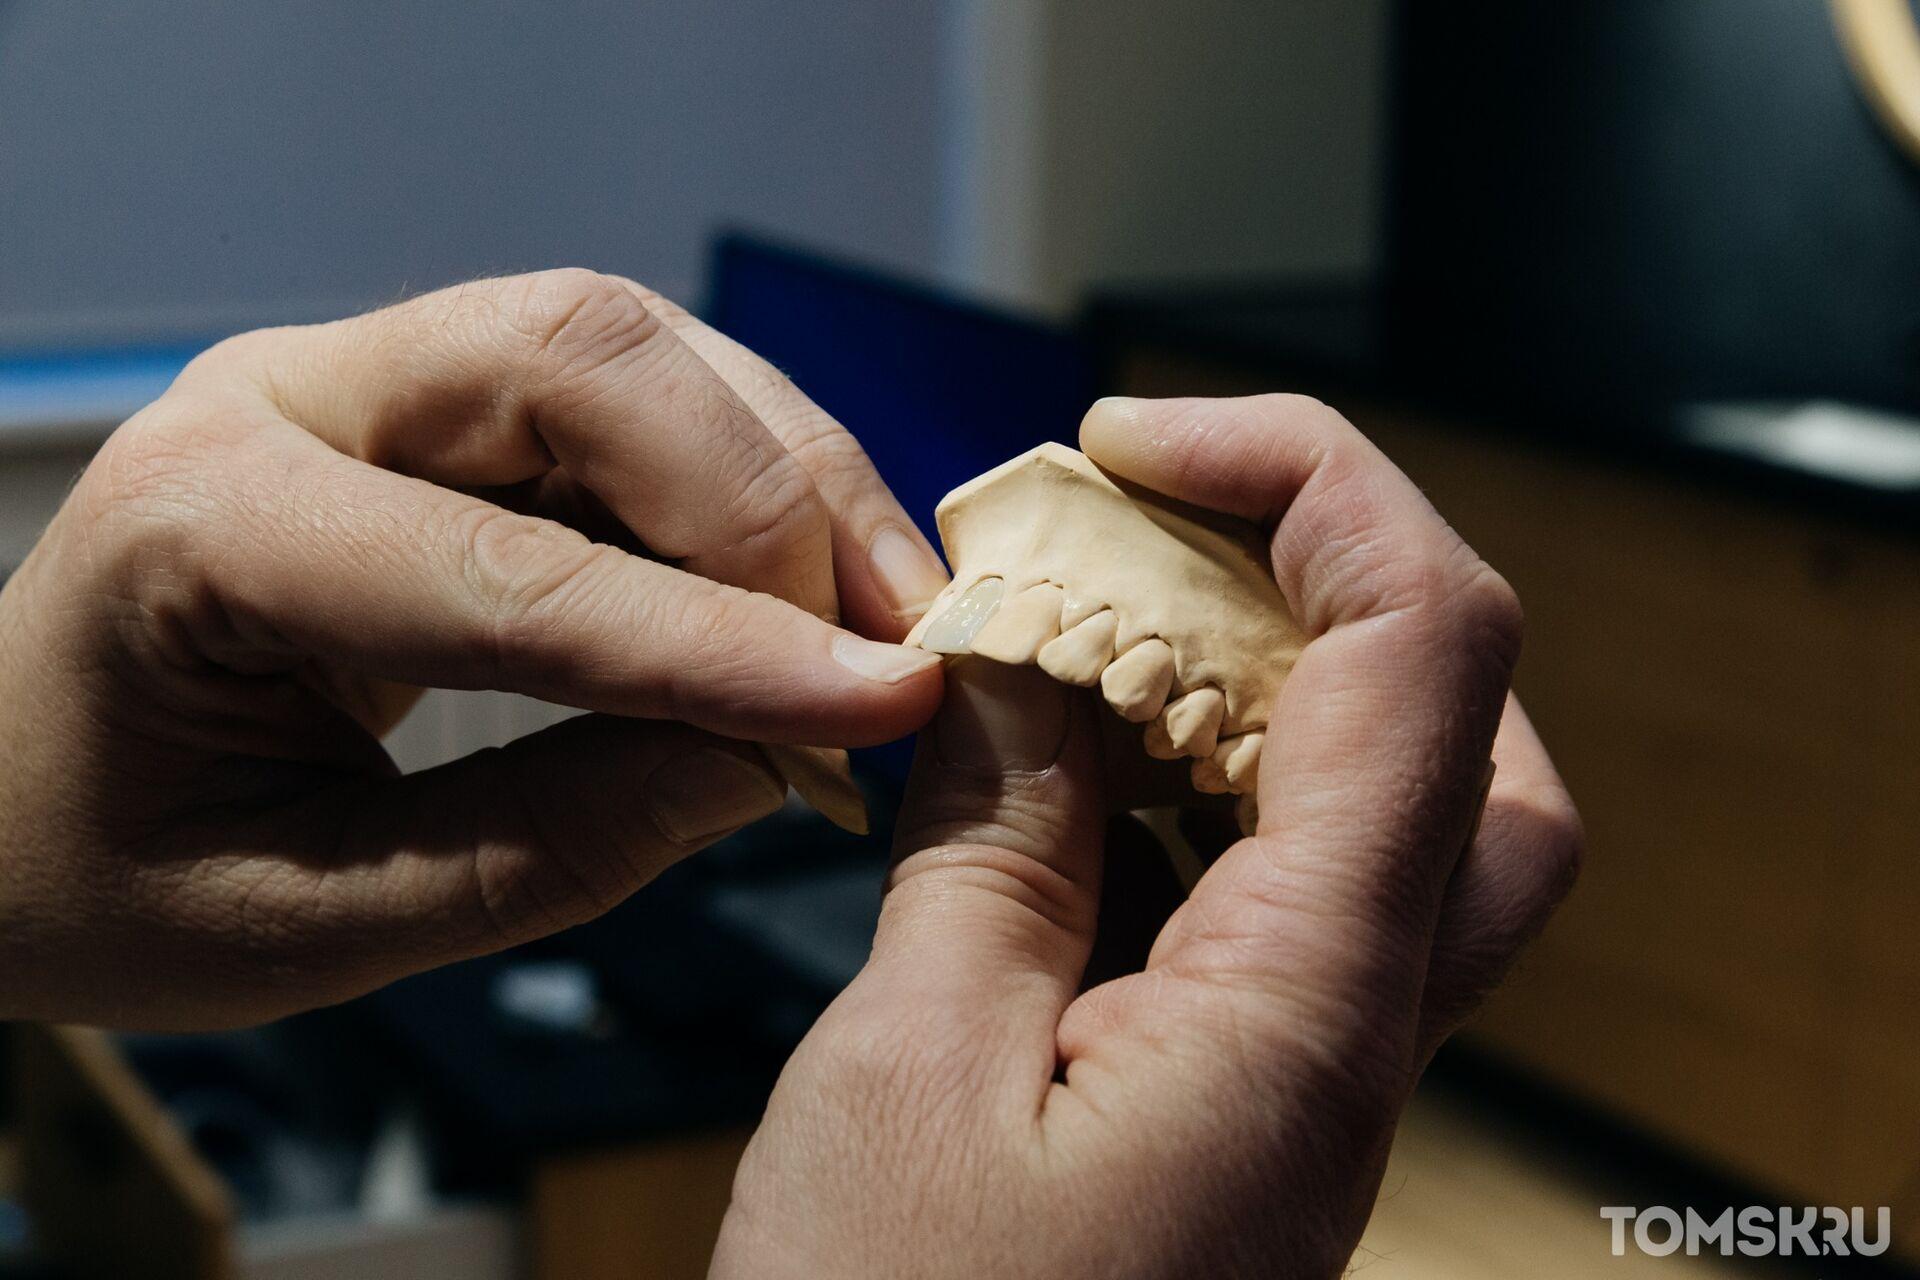 Хранятся всю жизнь: куда попадают данные о зубах после сканирования?